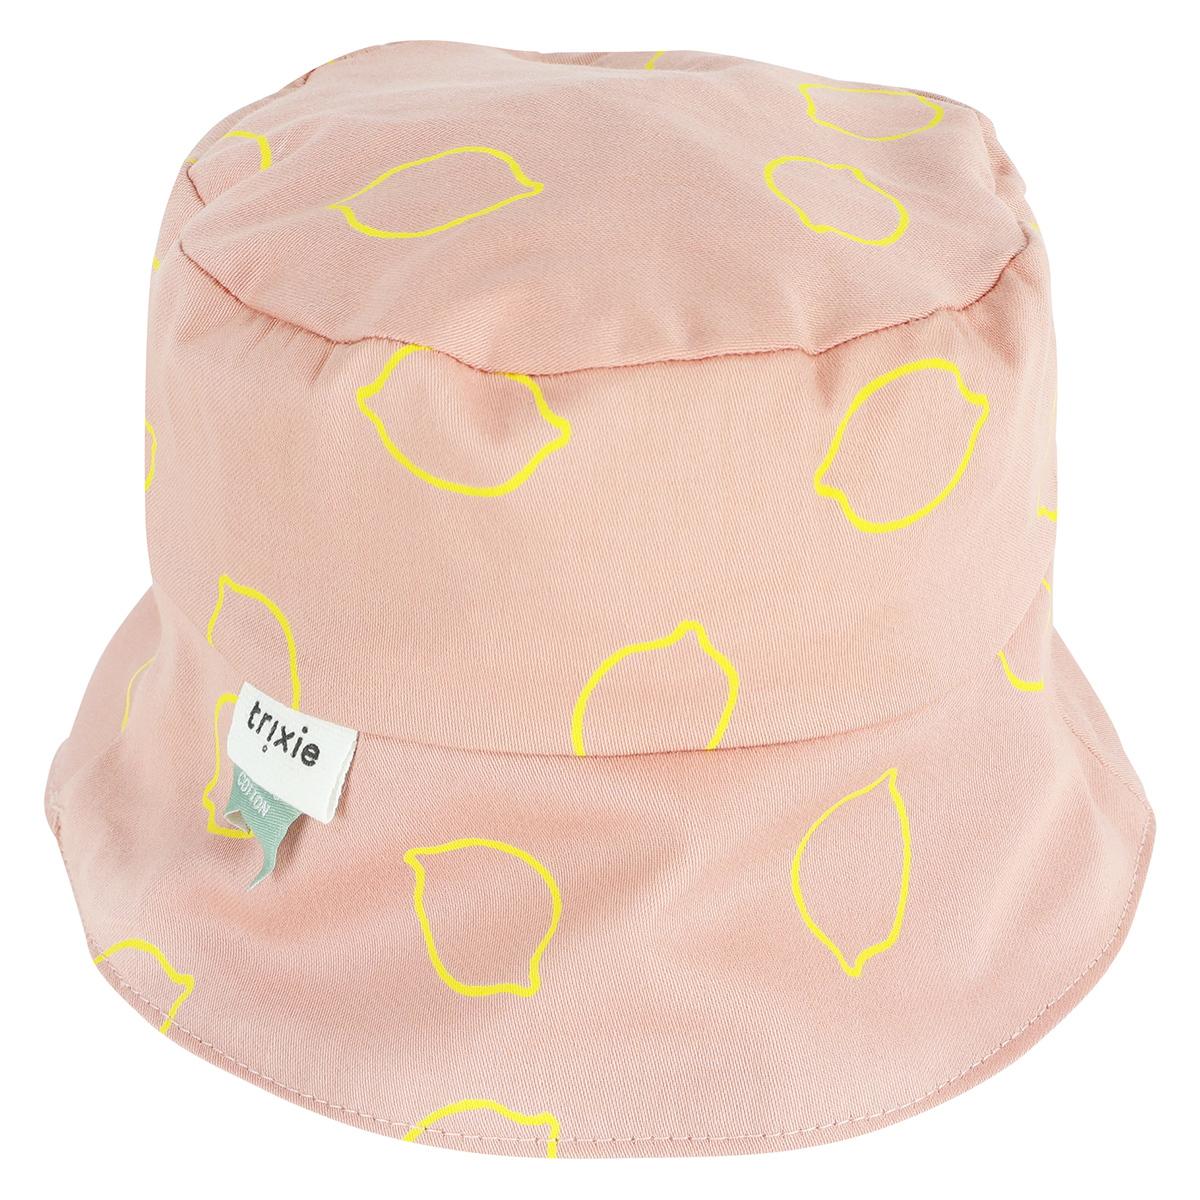 Accessoires bébé Chapeau de Soleil Lemon Squash - 2 Ans Chapeau de Soleil Lemon Squash - 2 Ans